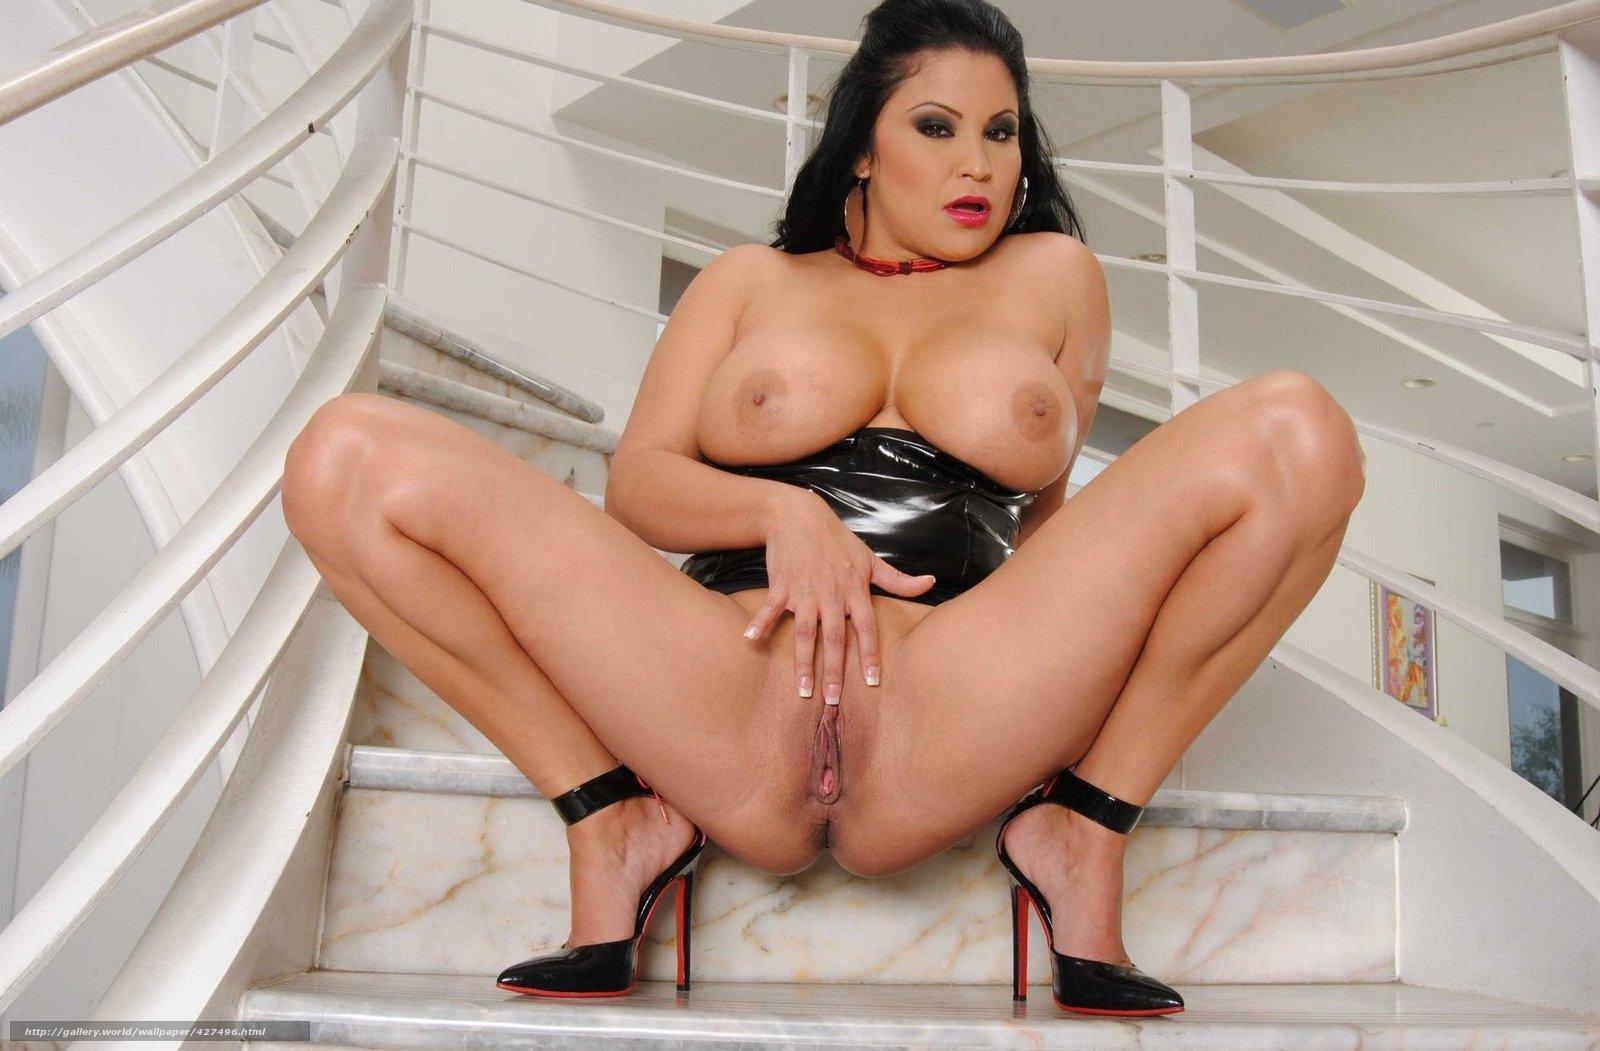 Секс с софия ломели 12 фотография